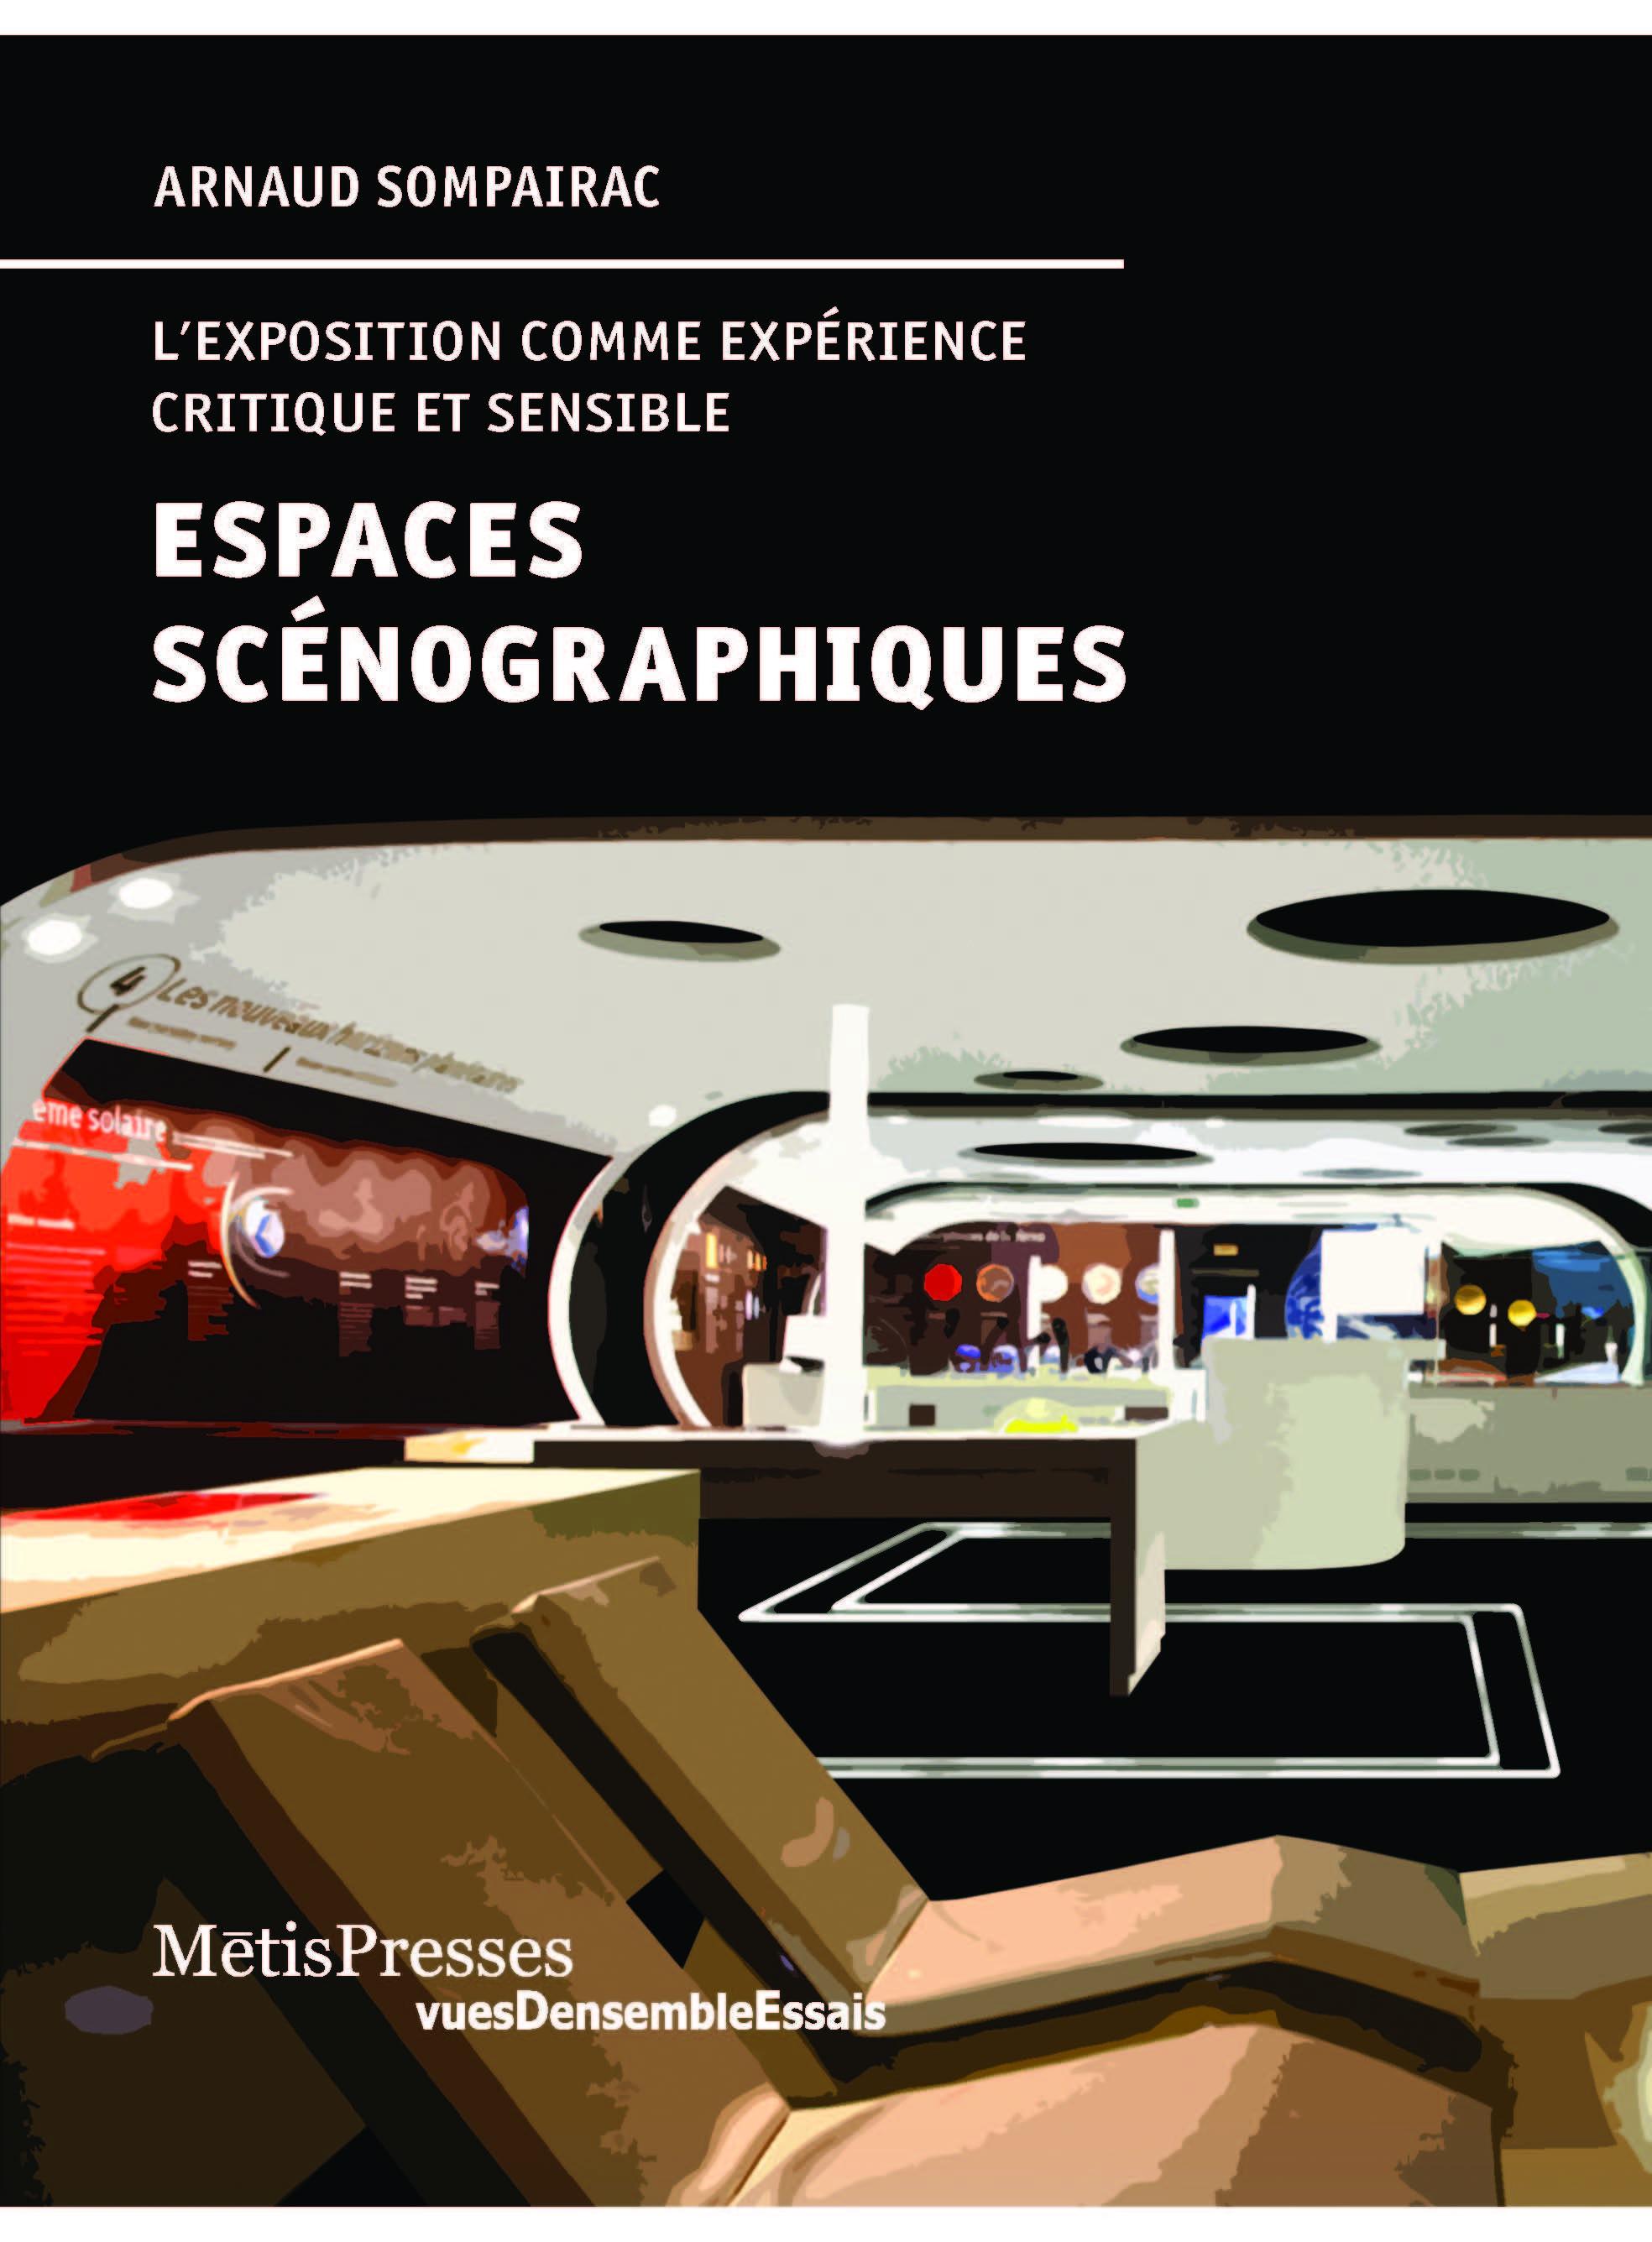 ESPACES SCENOGRAPHIQUES - L'EXPOSITION COMME EXPERIENCE CRITIQUE ET SENSIBLE